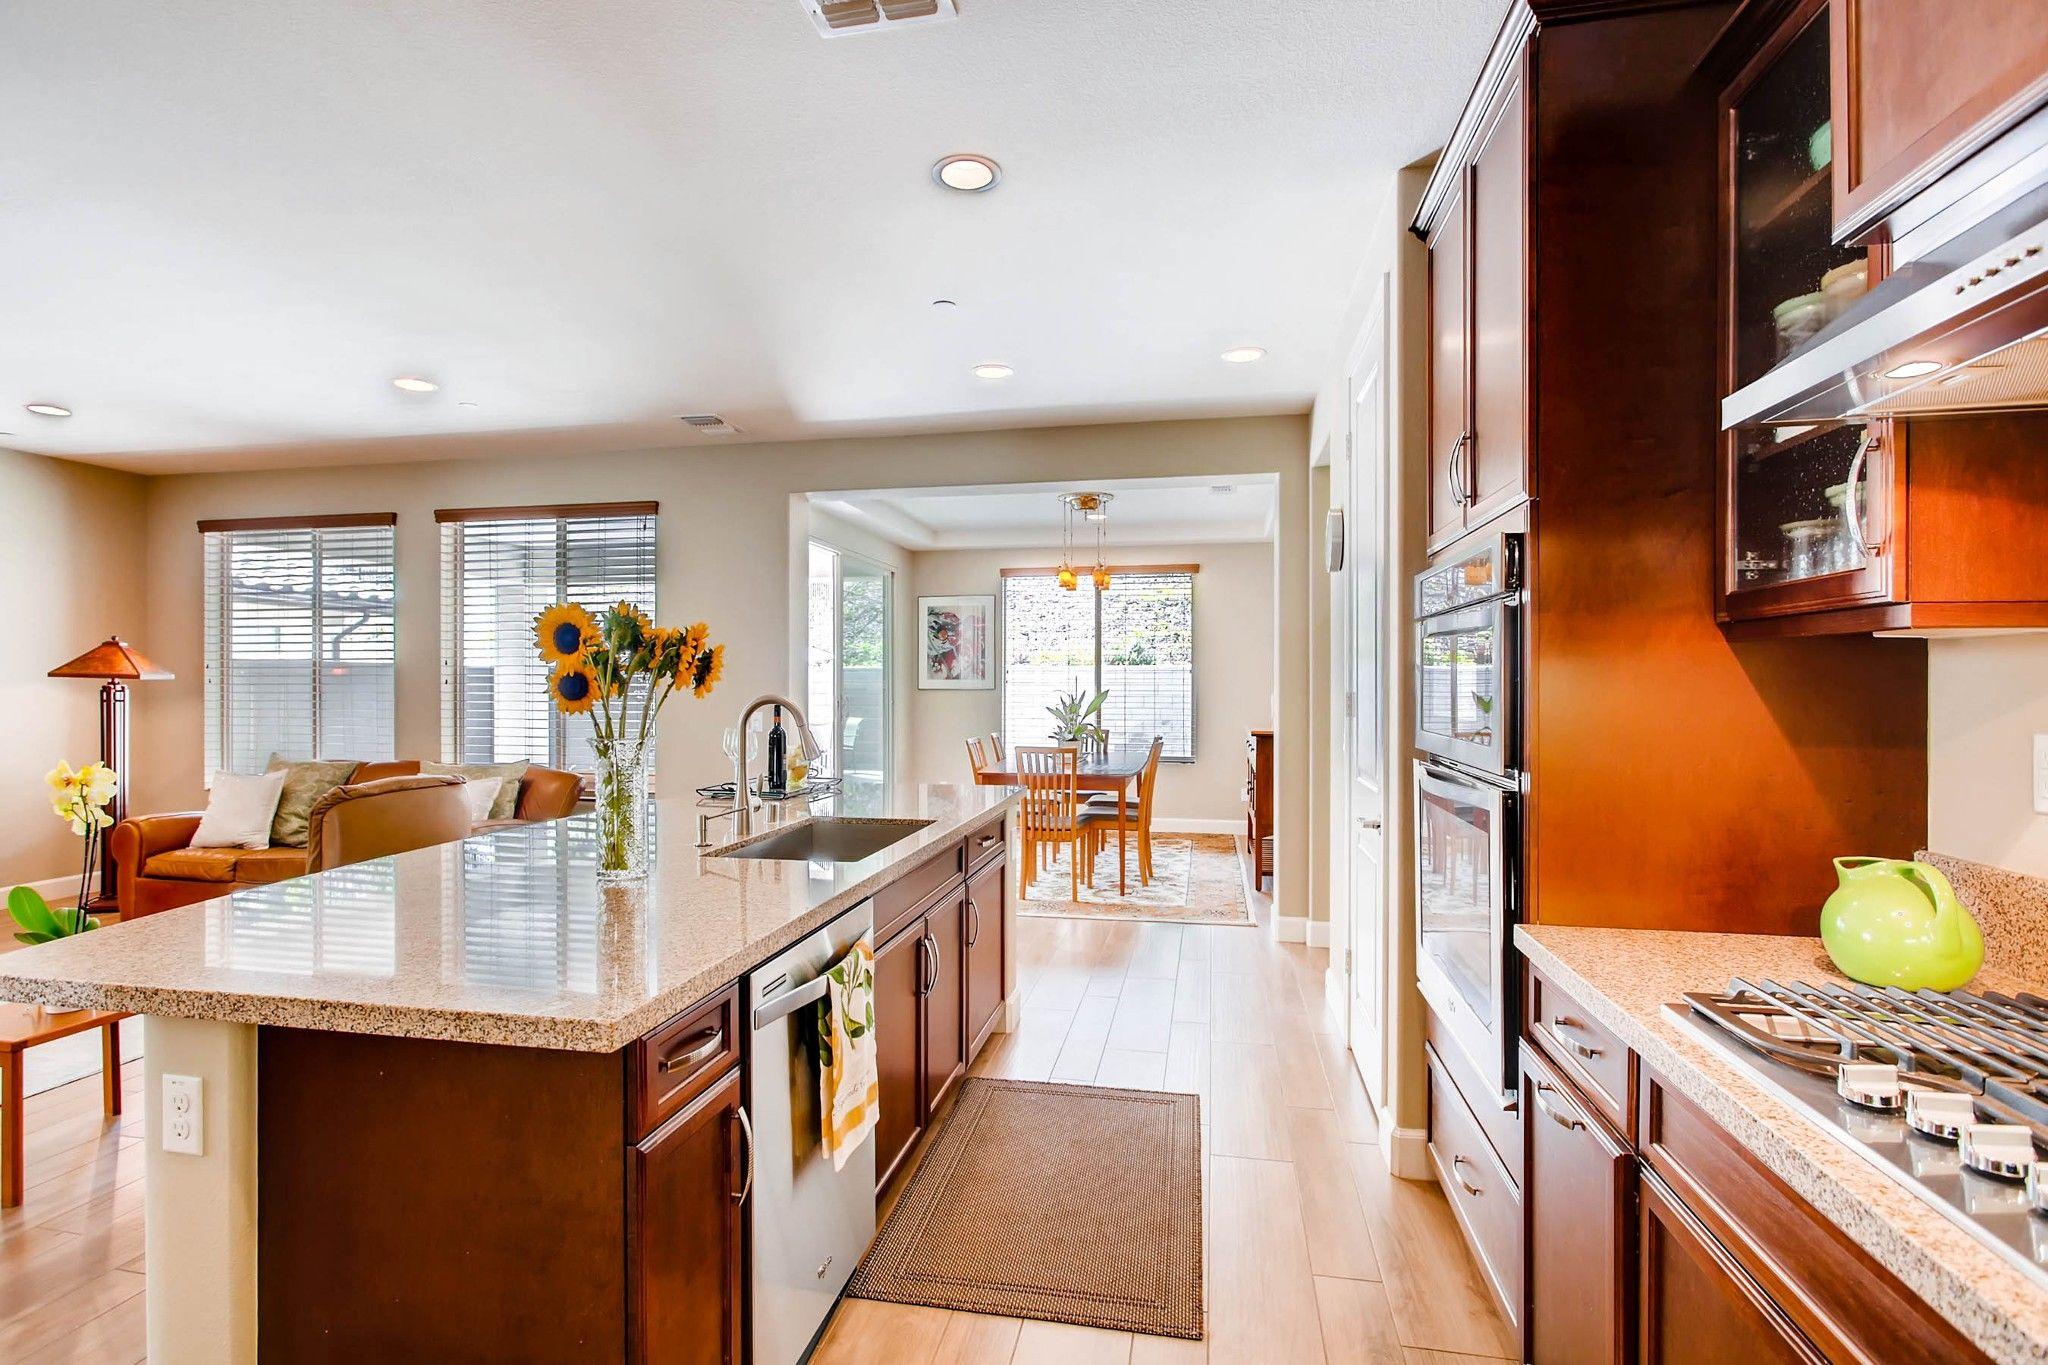 Photo 8: Photos: Residential for sale : 5 bedrooms : 443 Machado Way in Vista